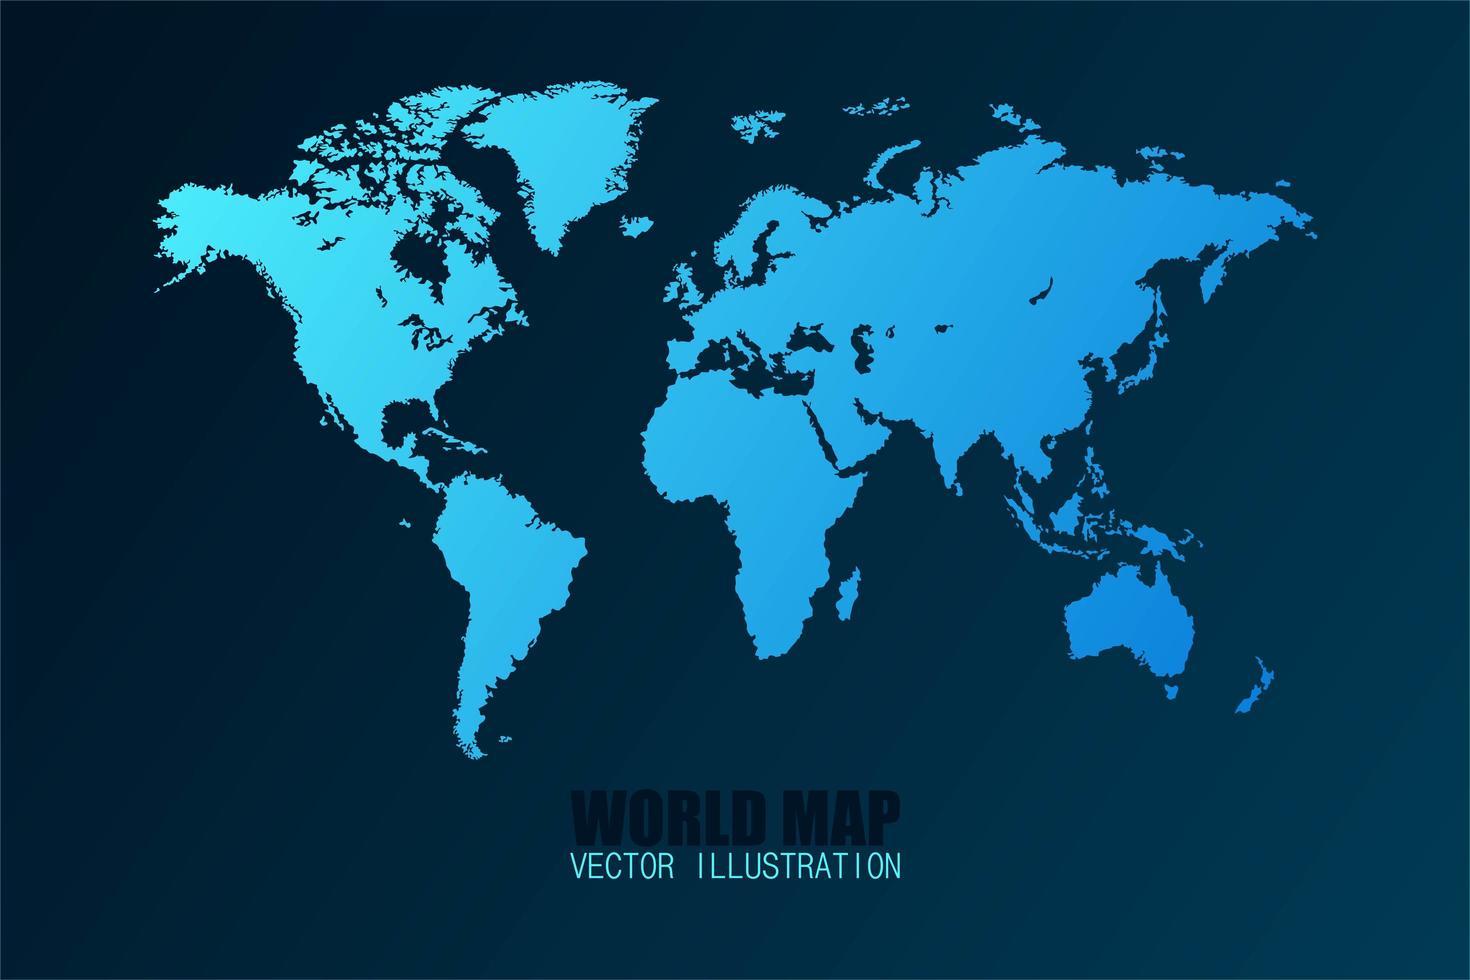 mappa del mondo isolata vettore